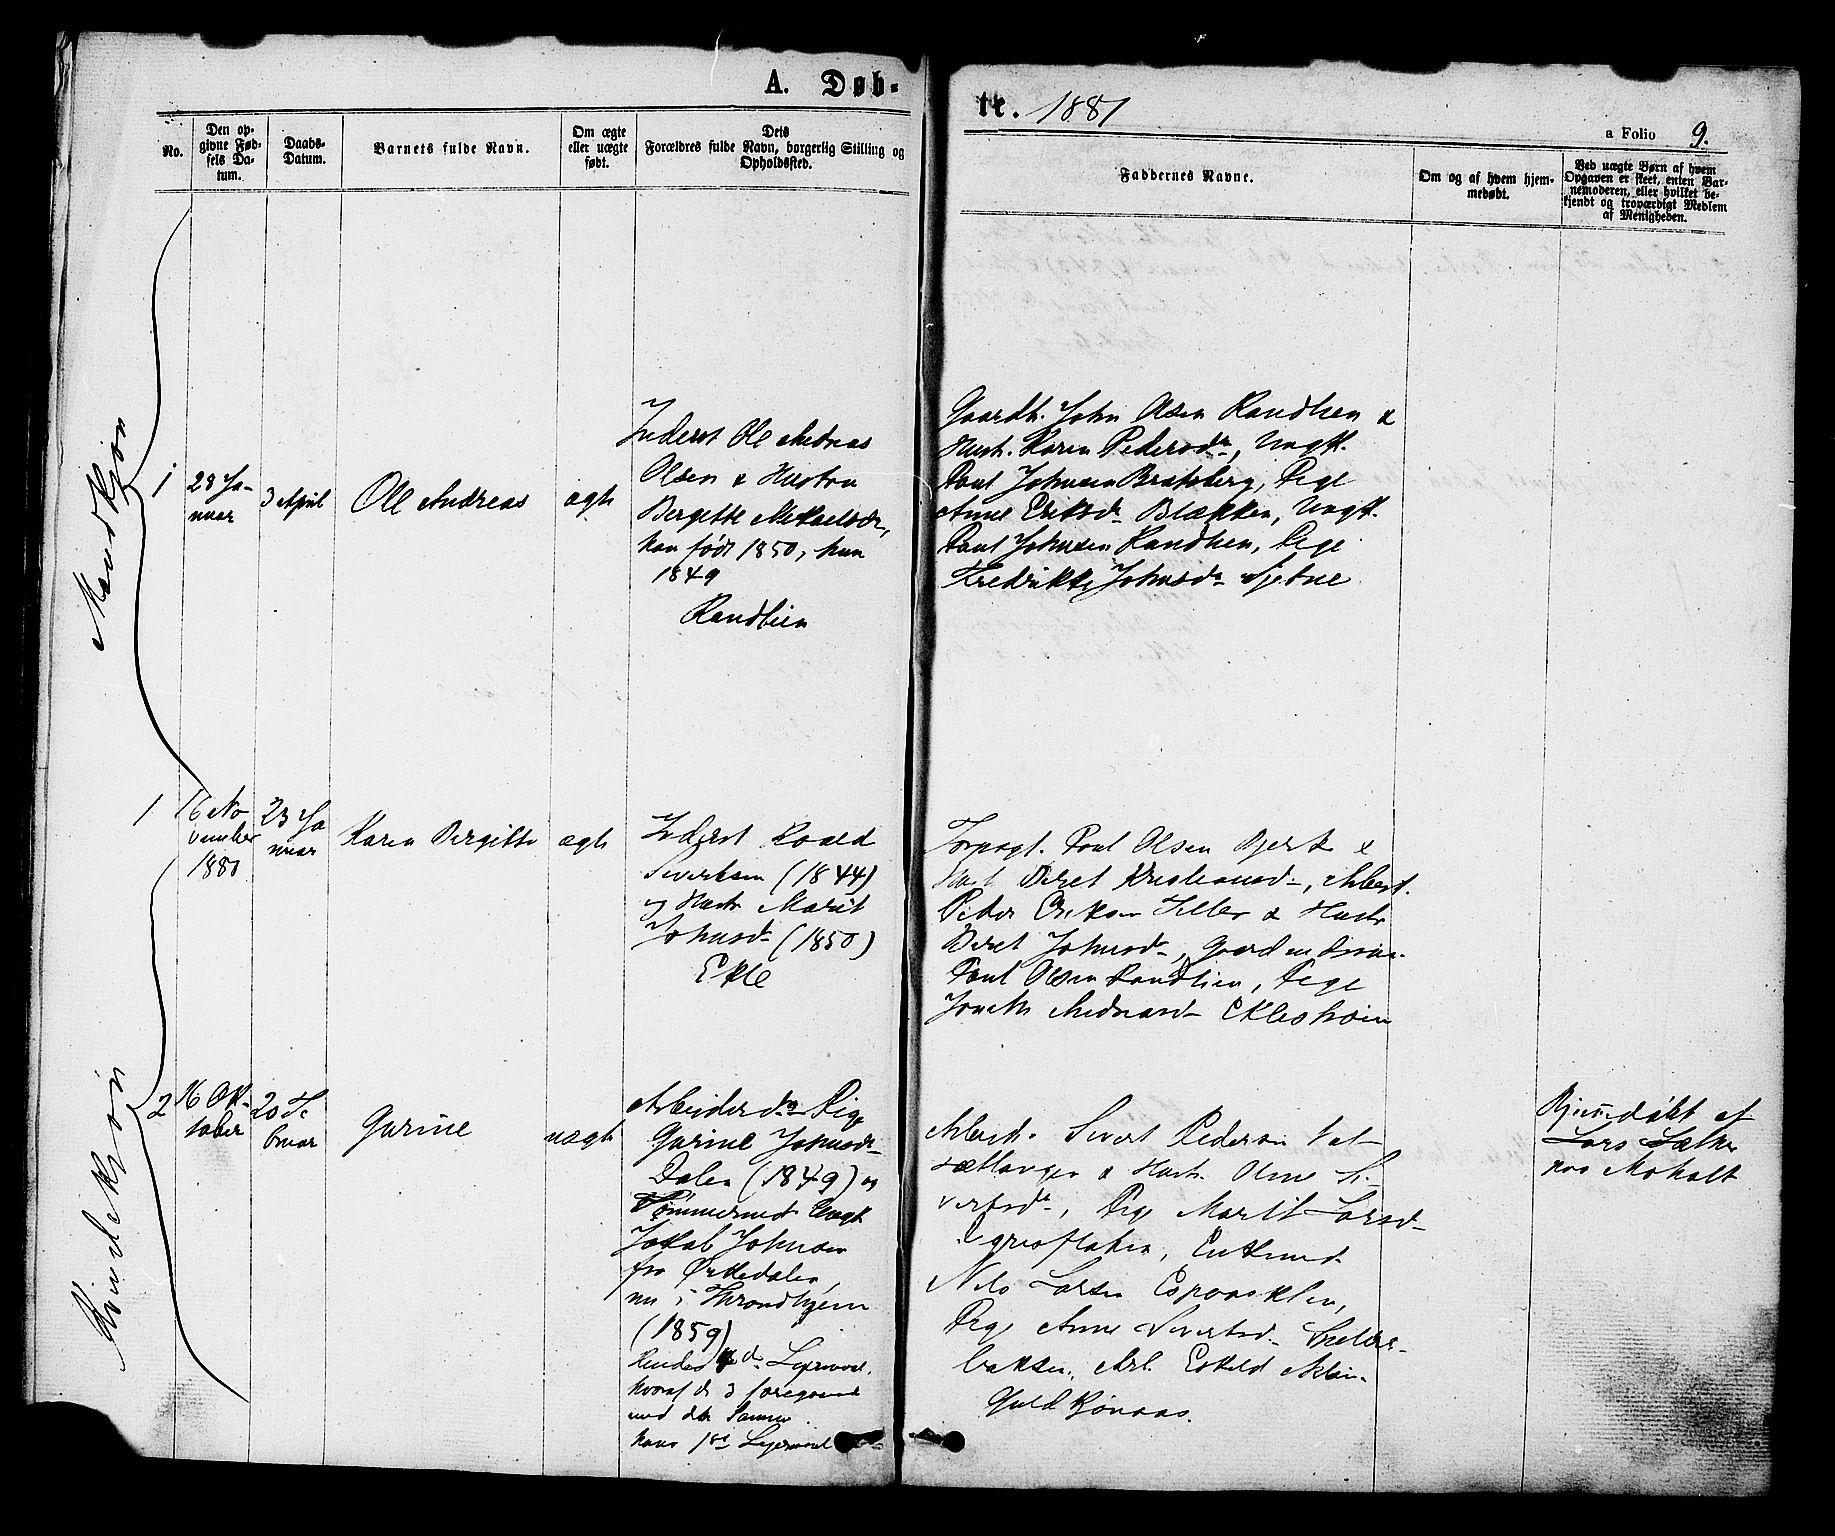 SAT, Ministerialprotokoller, klokkerbøker og fødselsregistre - Sør-Trøndelag, 608/L0334: Ministerialbok nr. 608A03, 1877-1886, s. 9